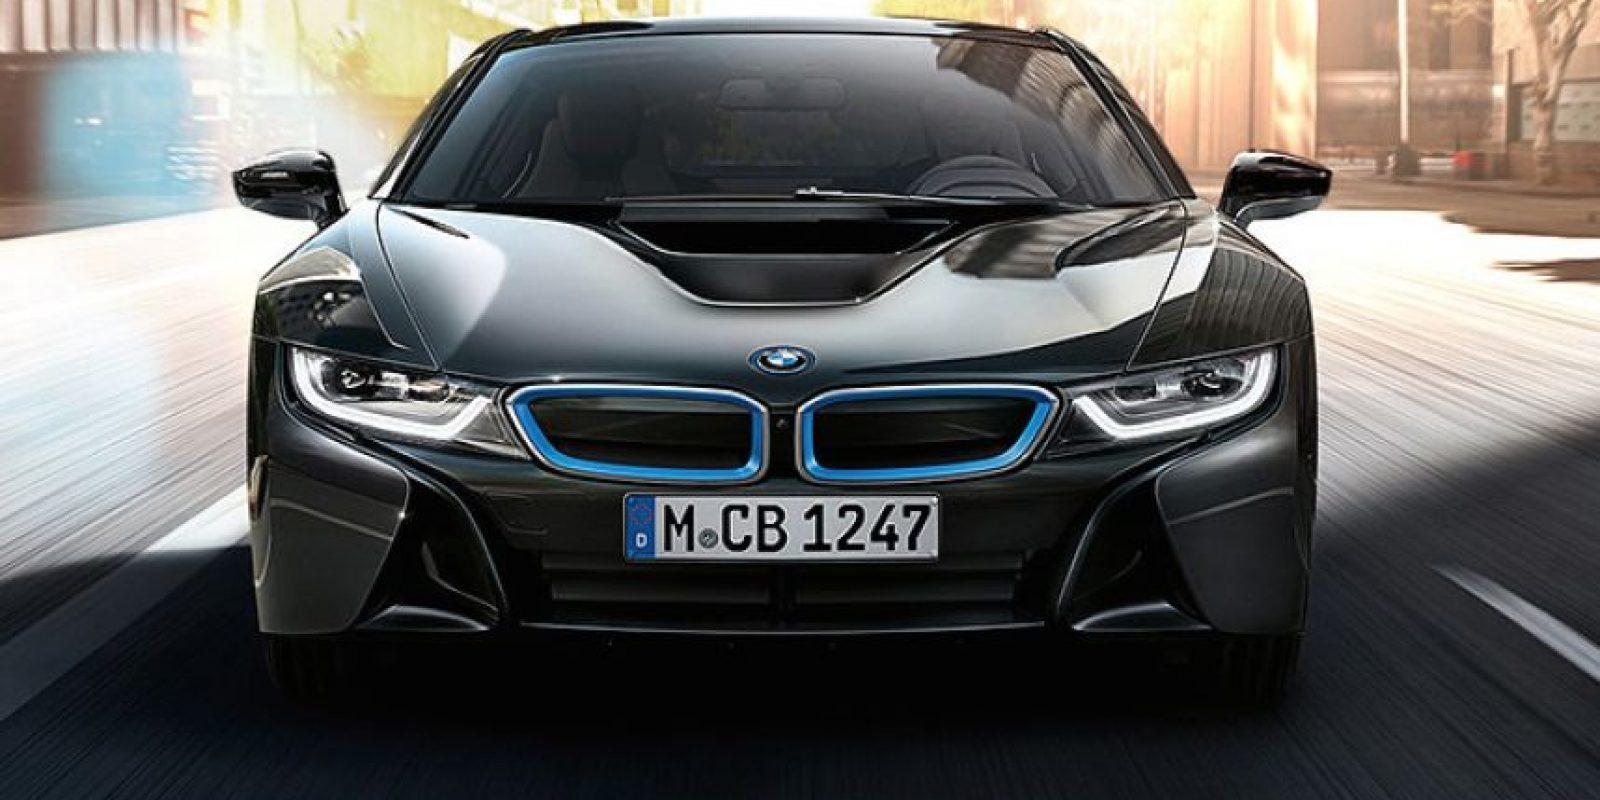 BMW i8. Presenta una autonomía de 37 kilómetros en modo únicamente eléctrico. Motor tricilíndrico a gasolina turbocargado de 1.5 litros = 231 hp, acoplado a un eléctrico que agrega 129 hp y de 69 hasta 184 lb-ft de torque, depende modo de manejo. Precio desde dos millones 506 mil 900 pesos. Foto:BMW